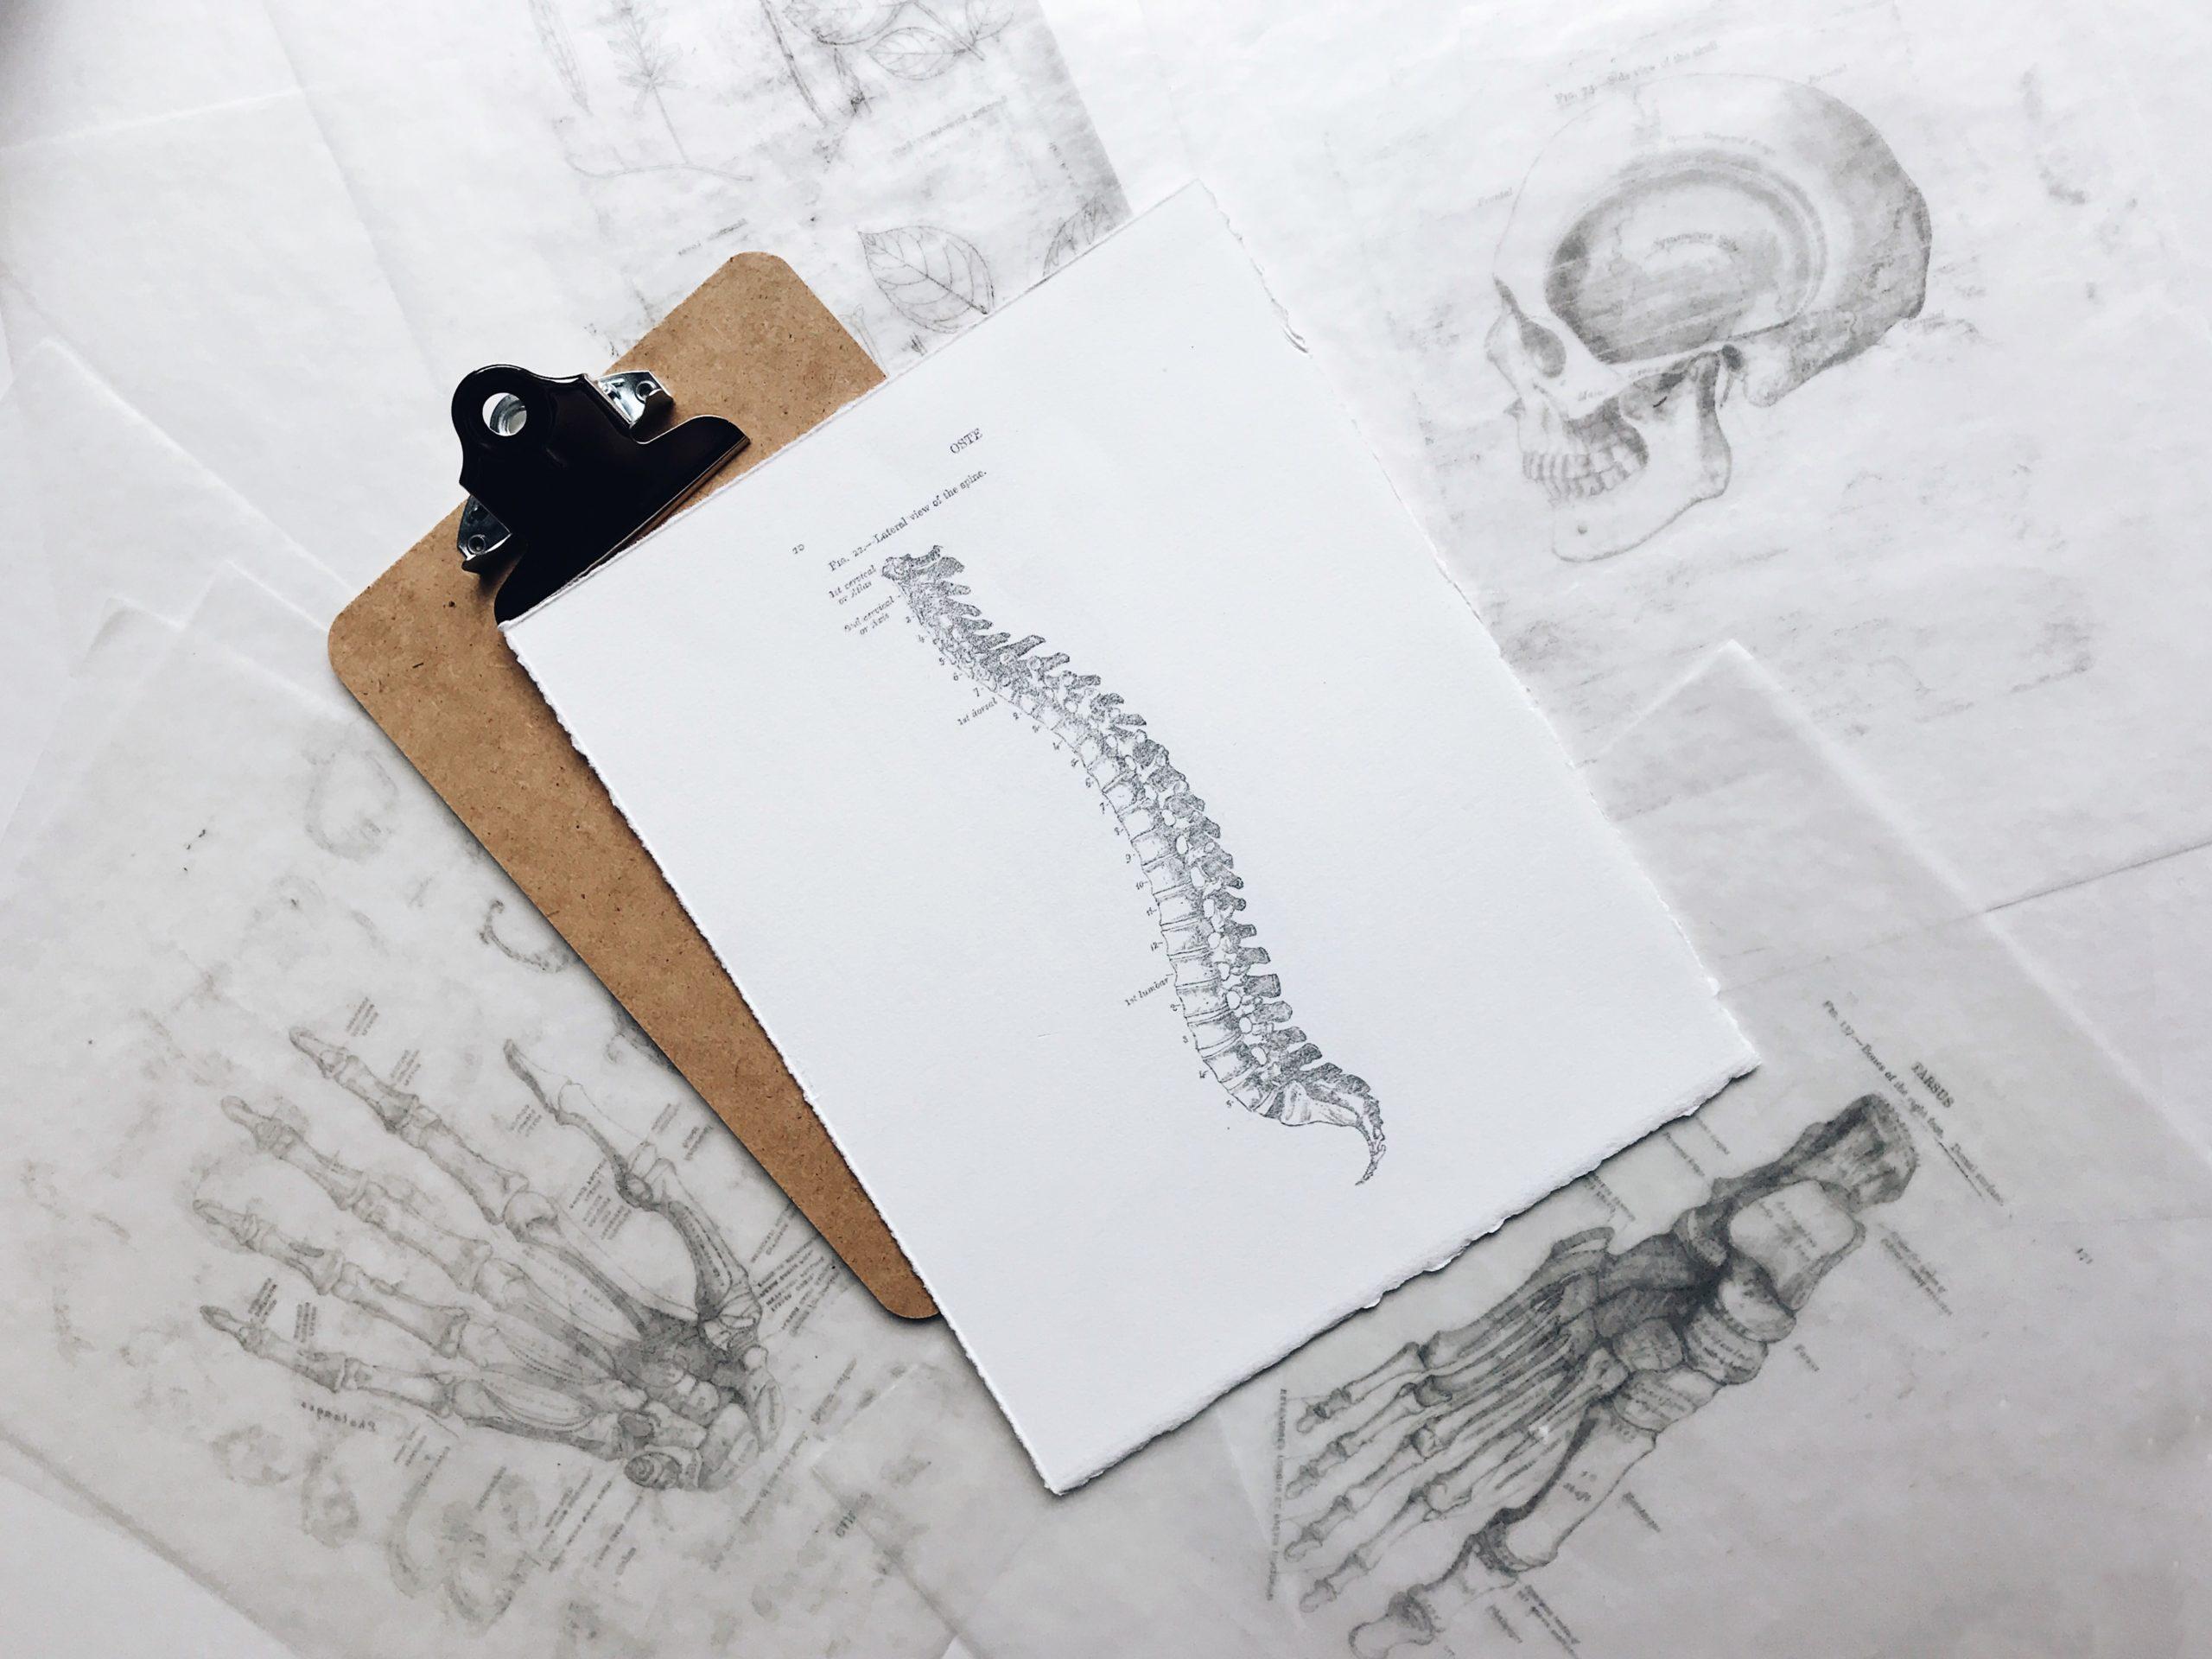 osteopathe la crau-osteopathie la garde-seance d osteopathie hyeres-osteopathe pour bebes toulon-osteopathe en entreprise le pradet-rendez vous osteo var